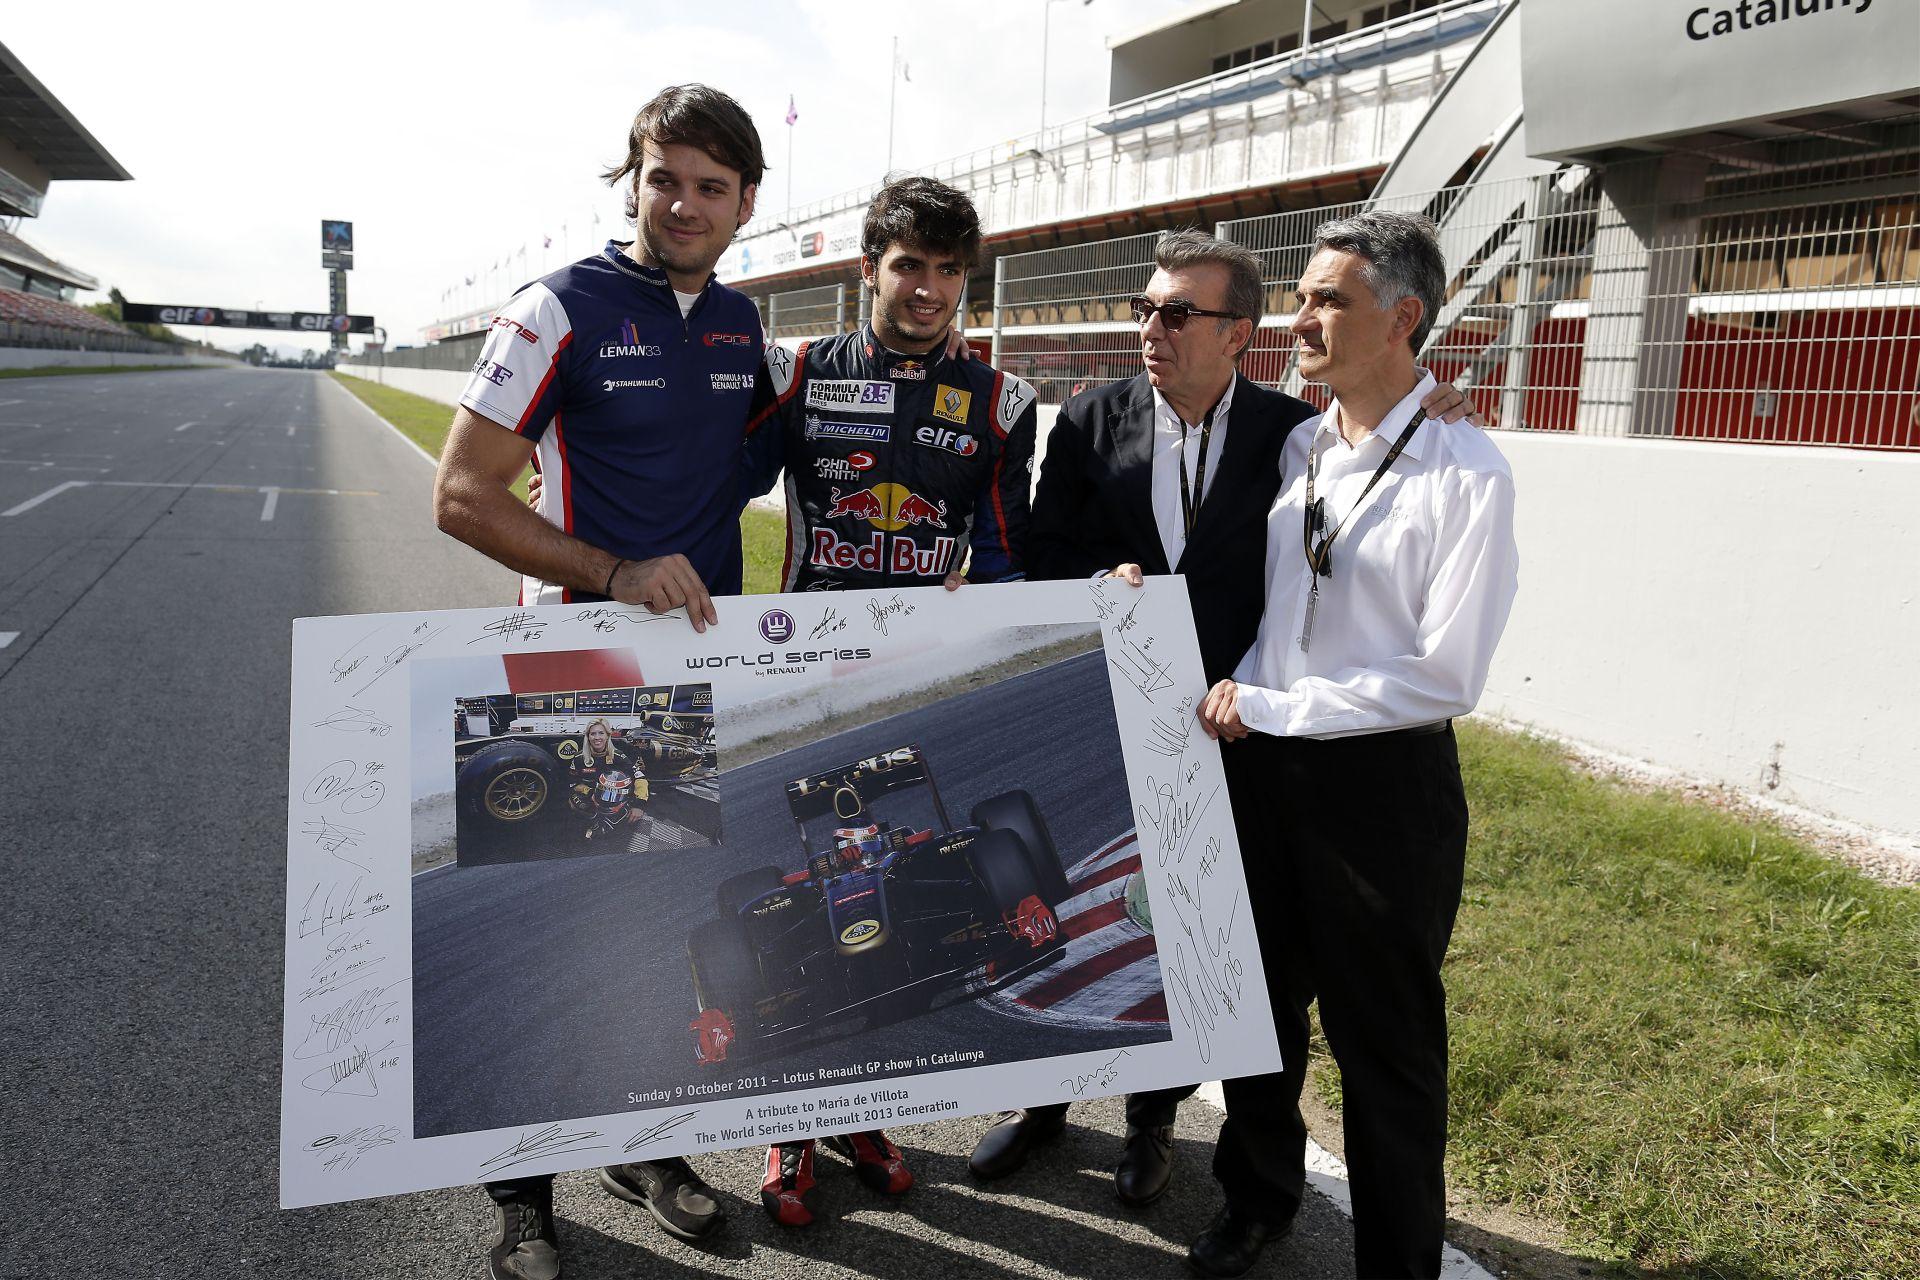 Minden idők legfiatalabb párosát tudhatja magáénak a Toro Rosso: Egy 17 és egy 20 éves pilóta a Forma-1-ben